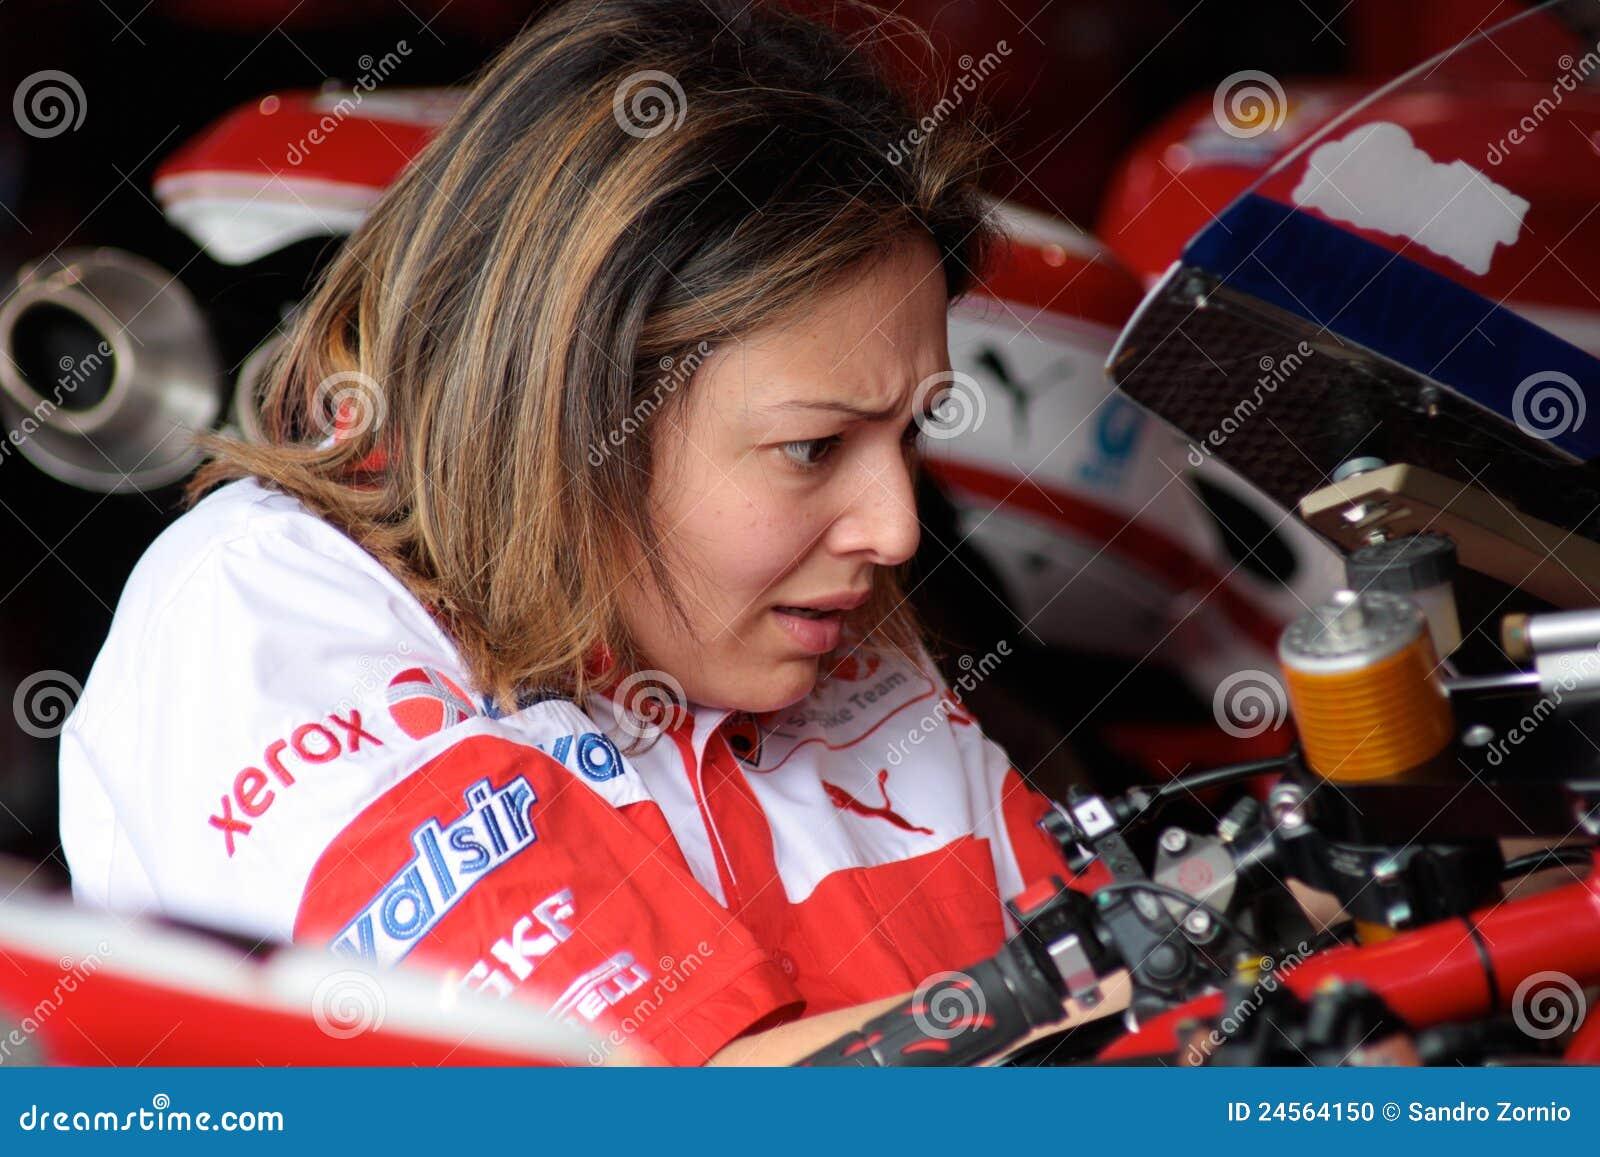 Electronic engineer Ducati 1998 Xerox team